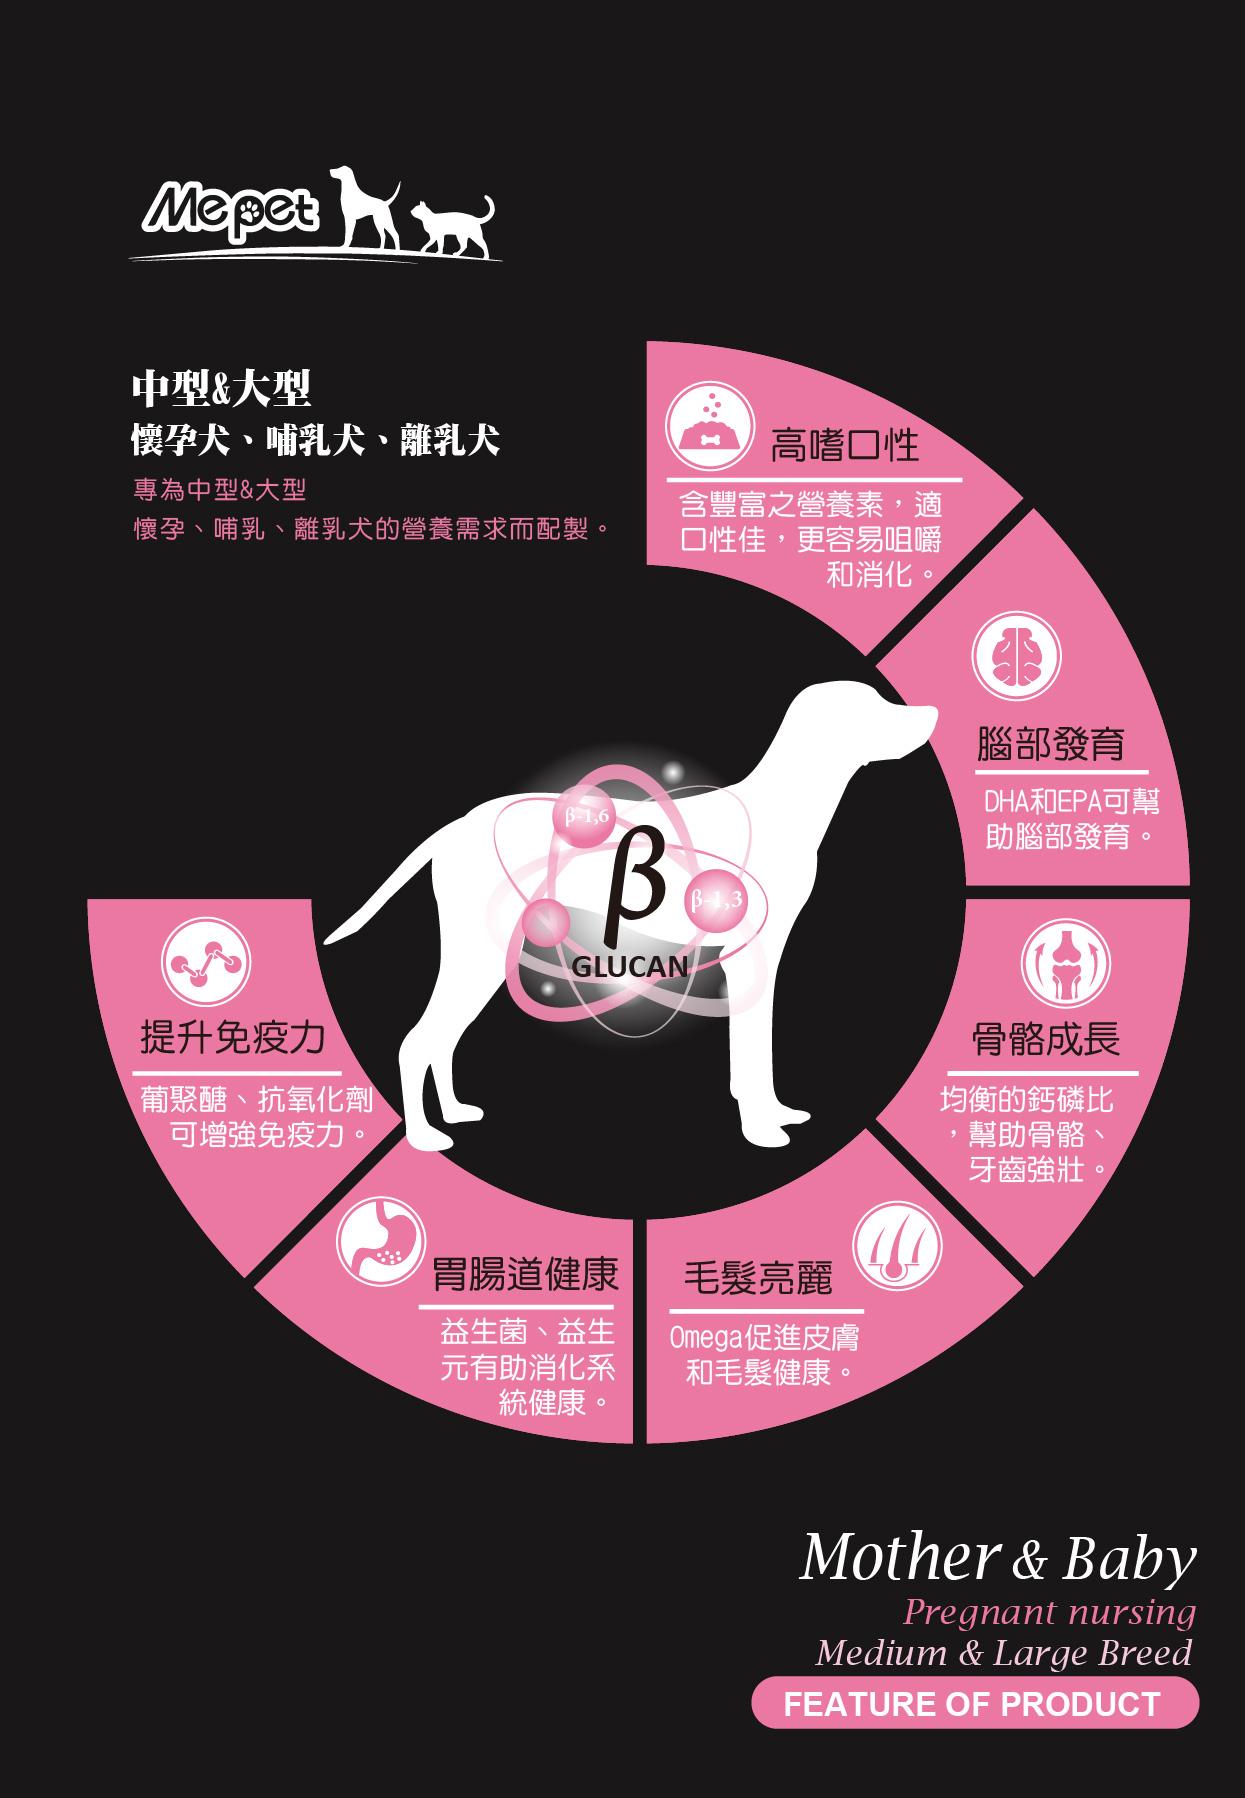 專為中型&大型懷孕、哺乳犬的營養需求而製│MePet全球寵物狗狗健康首選